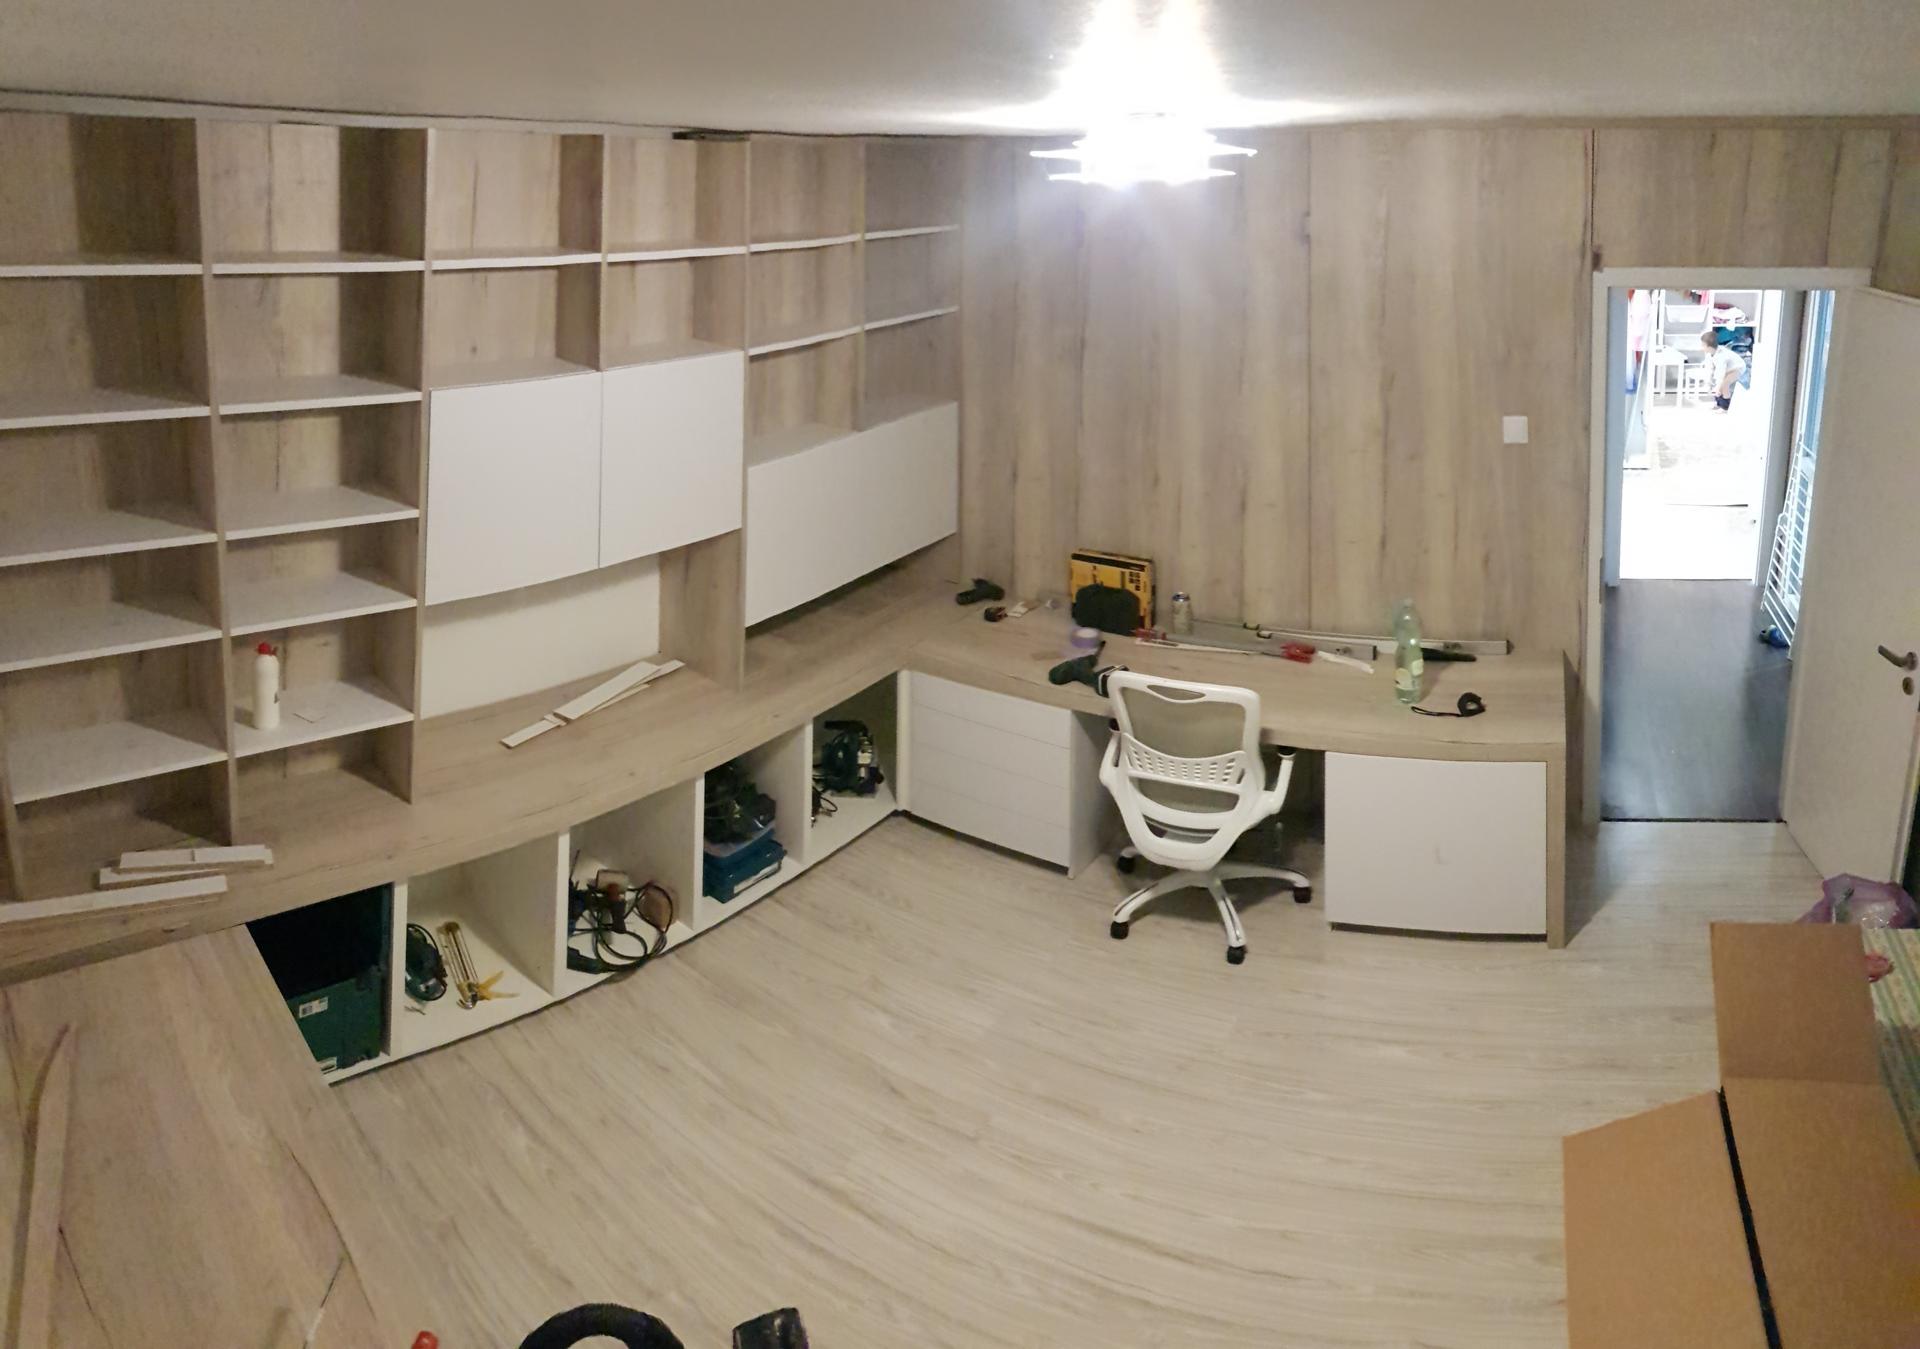 Naša rekonštrukcia - zadnú stenu bude tvoriť knižnica a akvárium